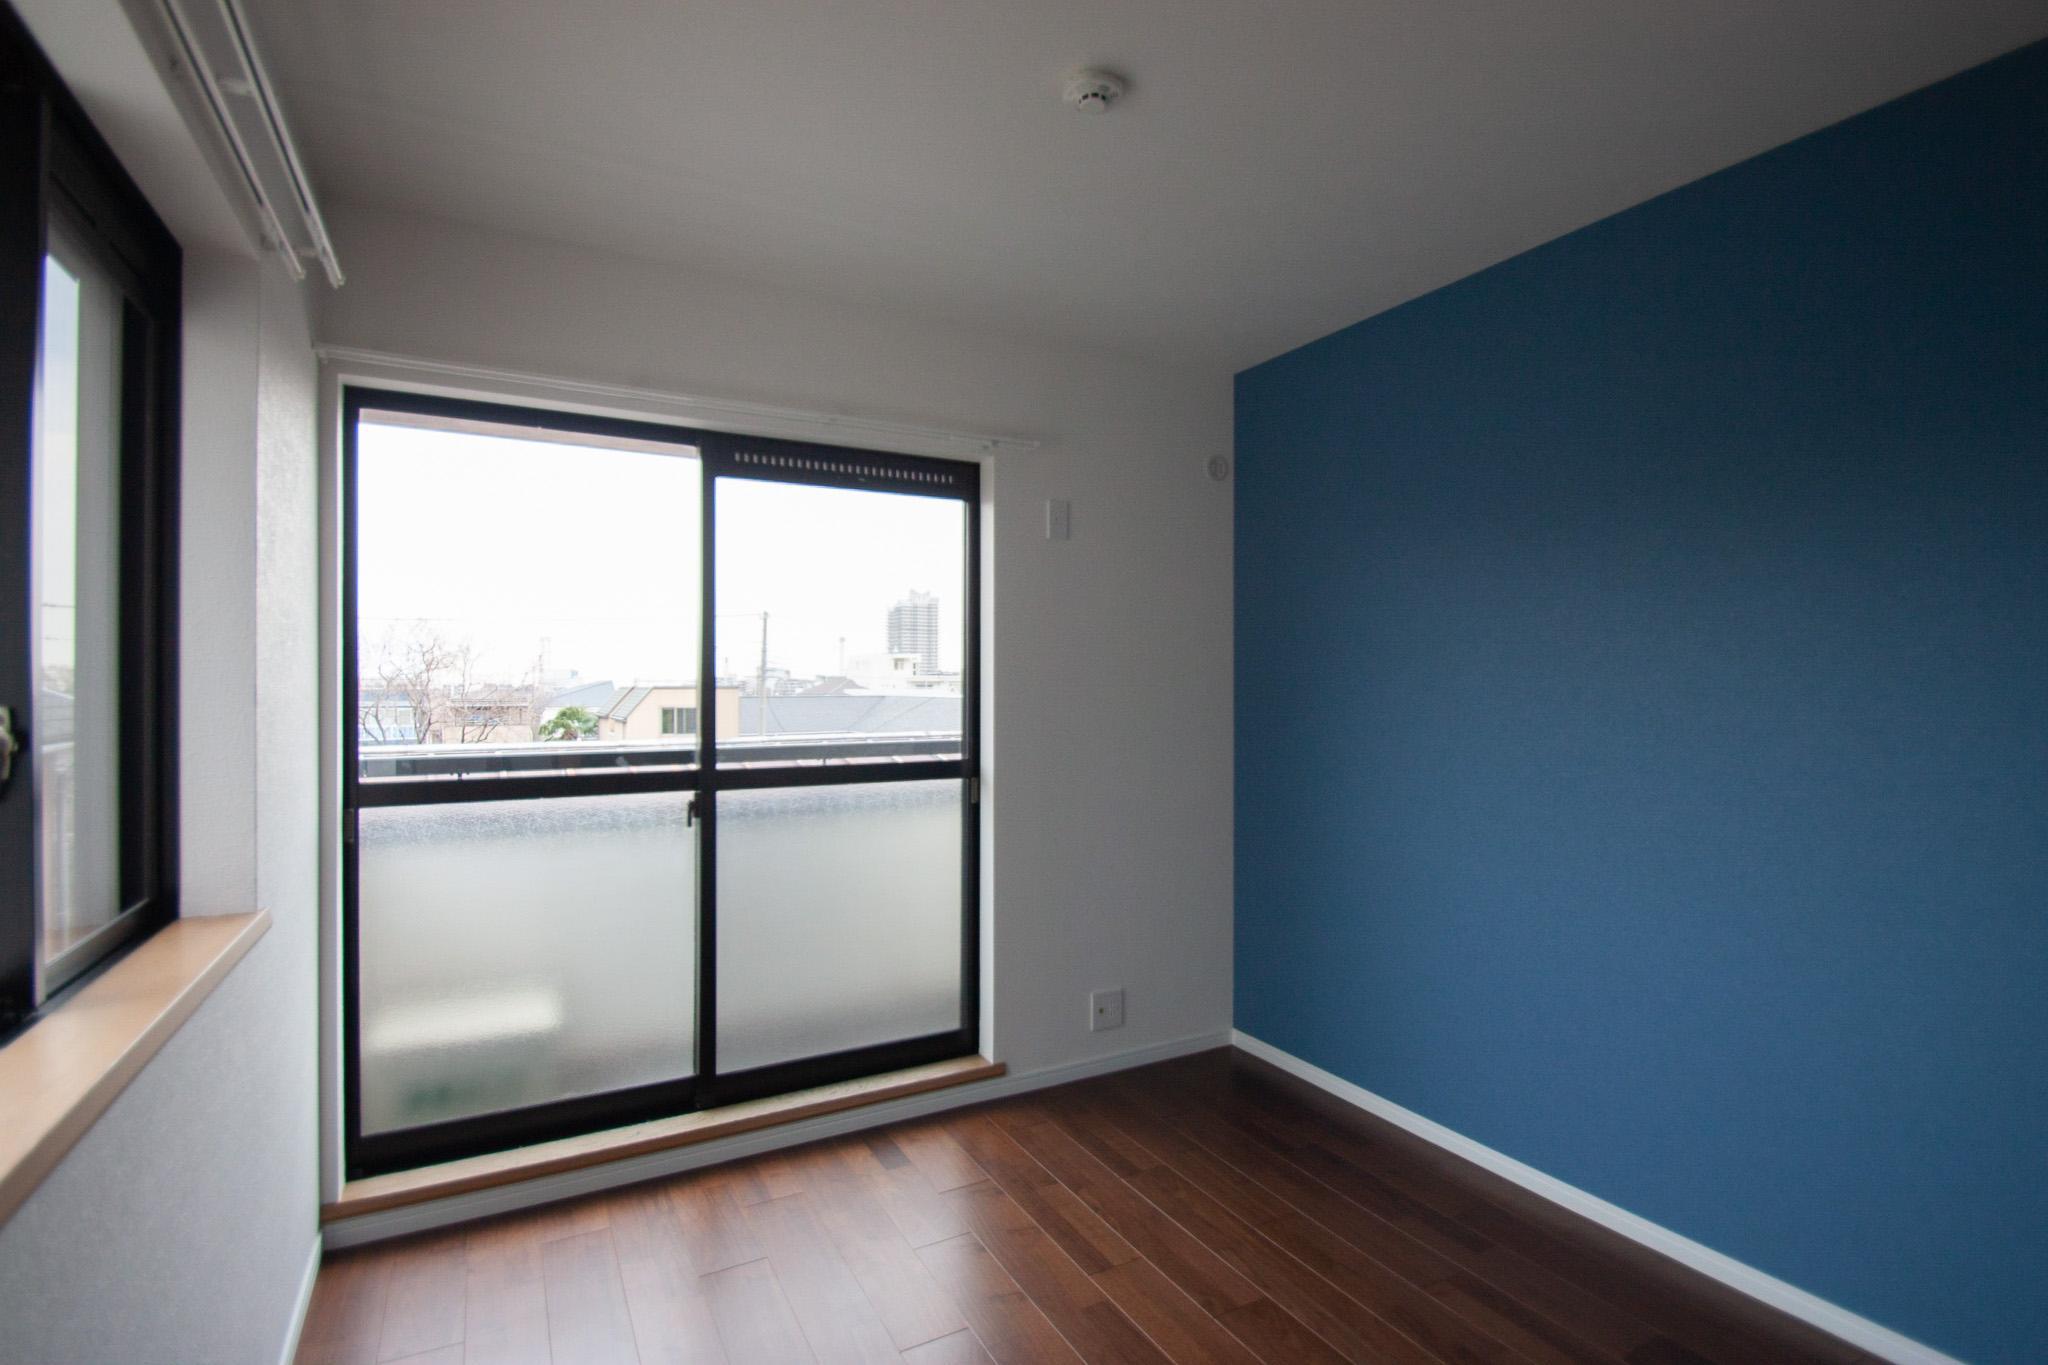 ブルーのアクセントクロスが貼られた寝室